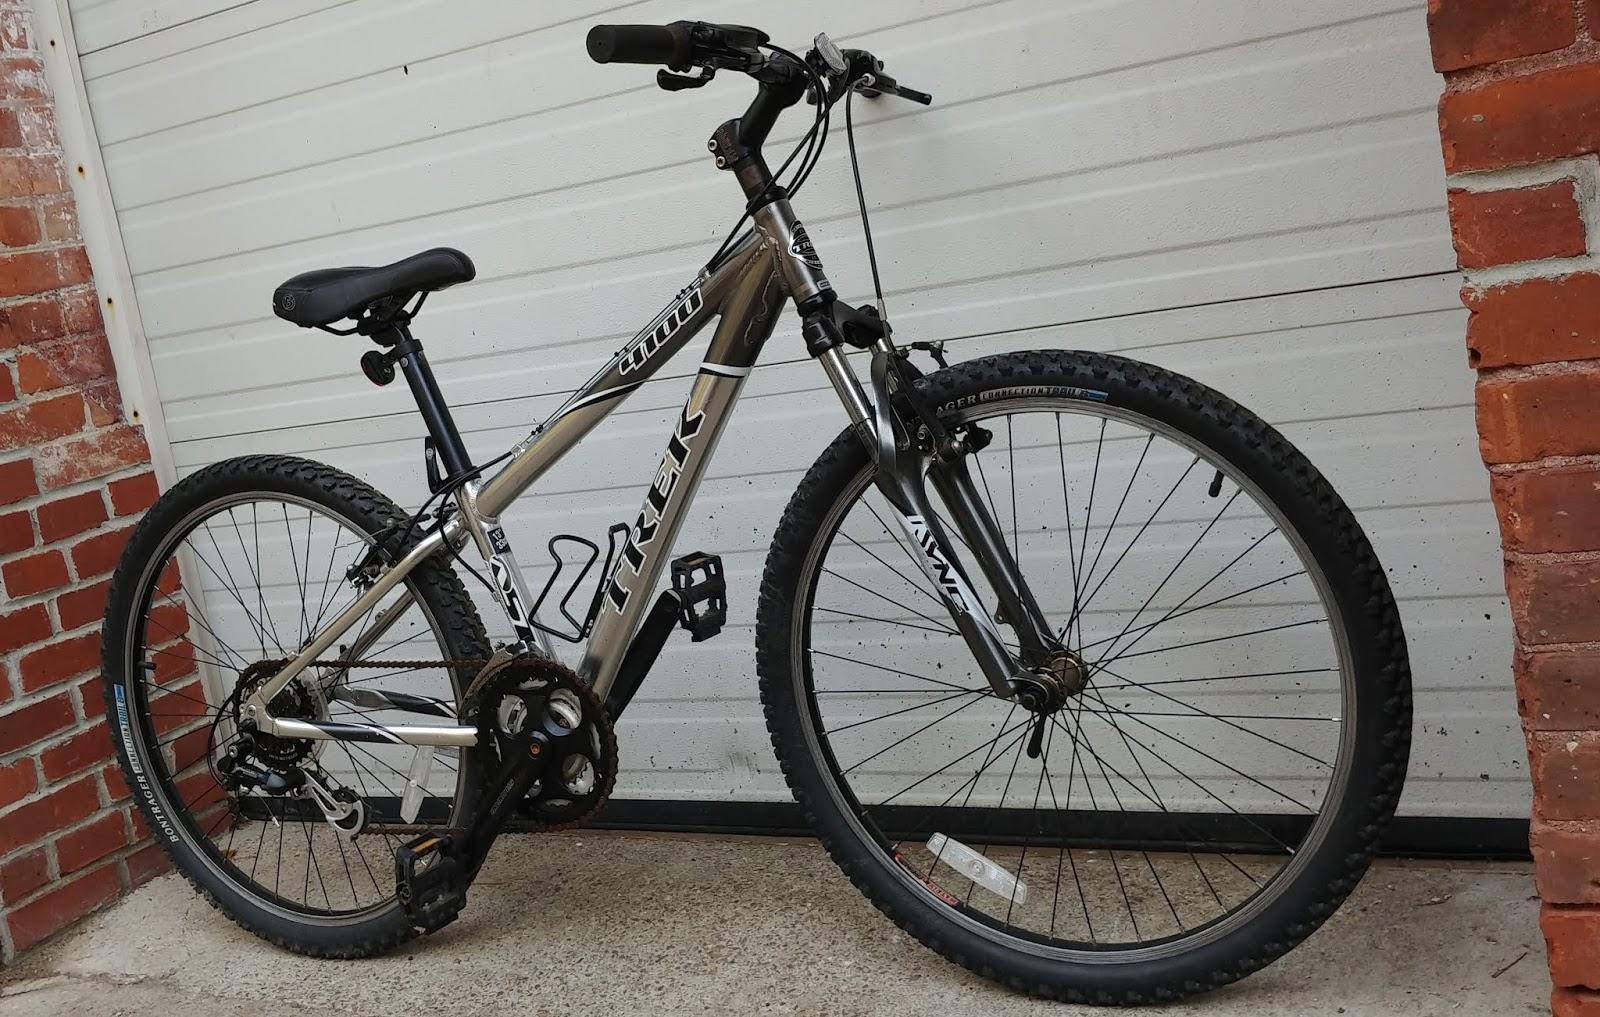 ce400daa6e7 TREK 4100 Alpha Aluminum 21 Speed Hardtail Mountain Bike - $249